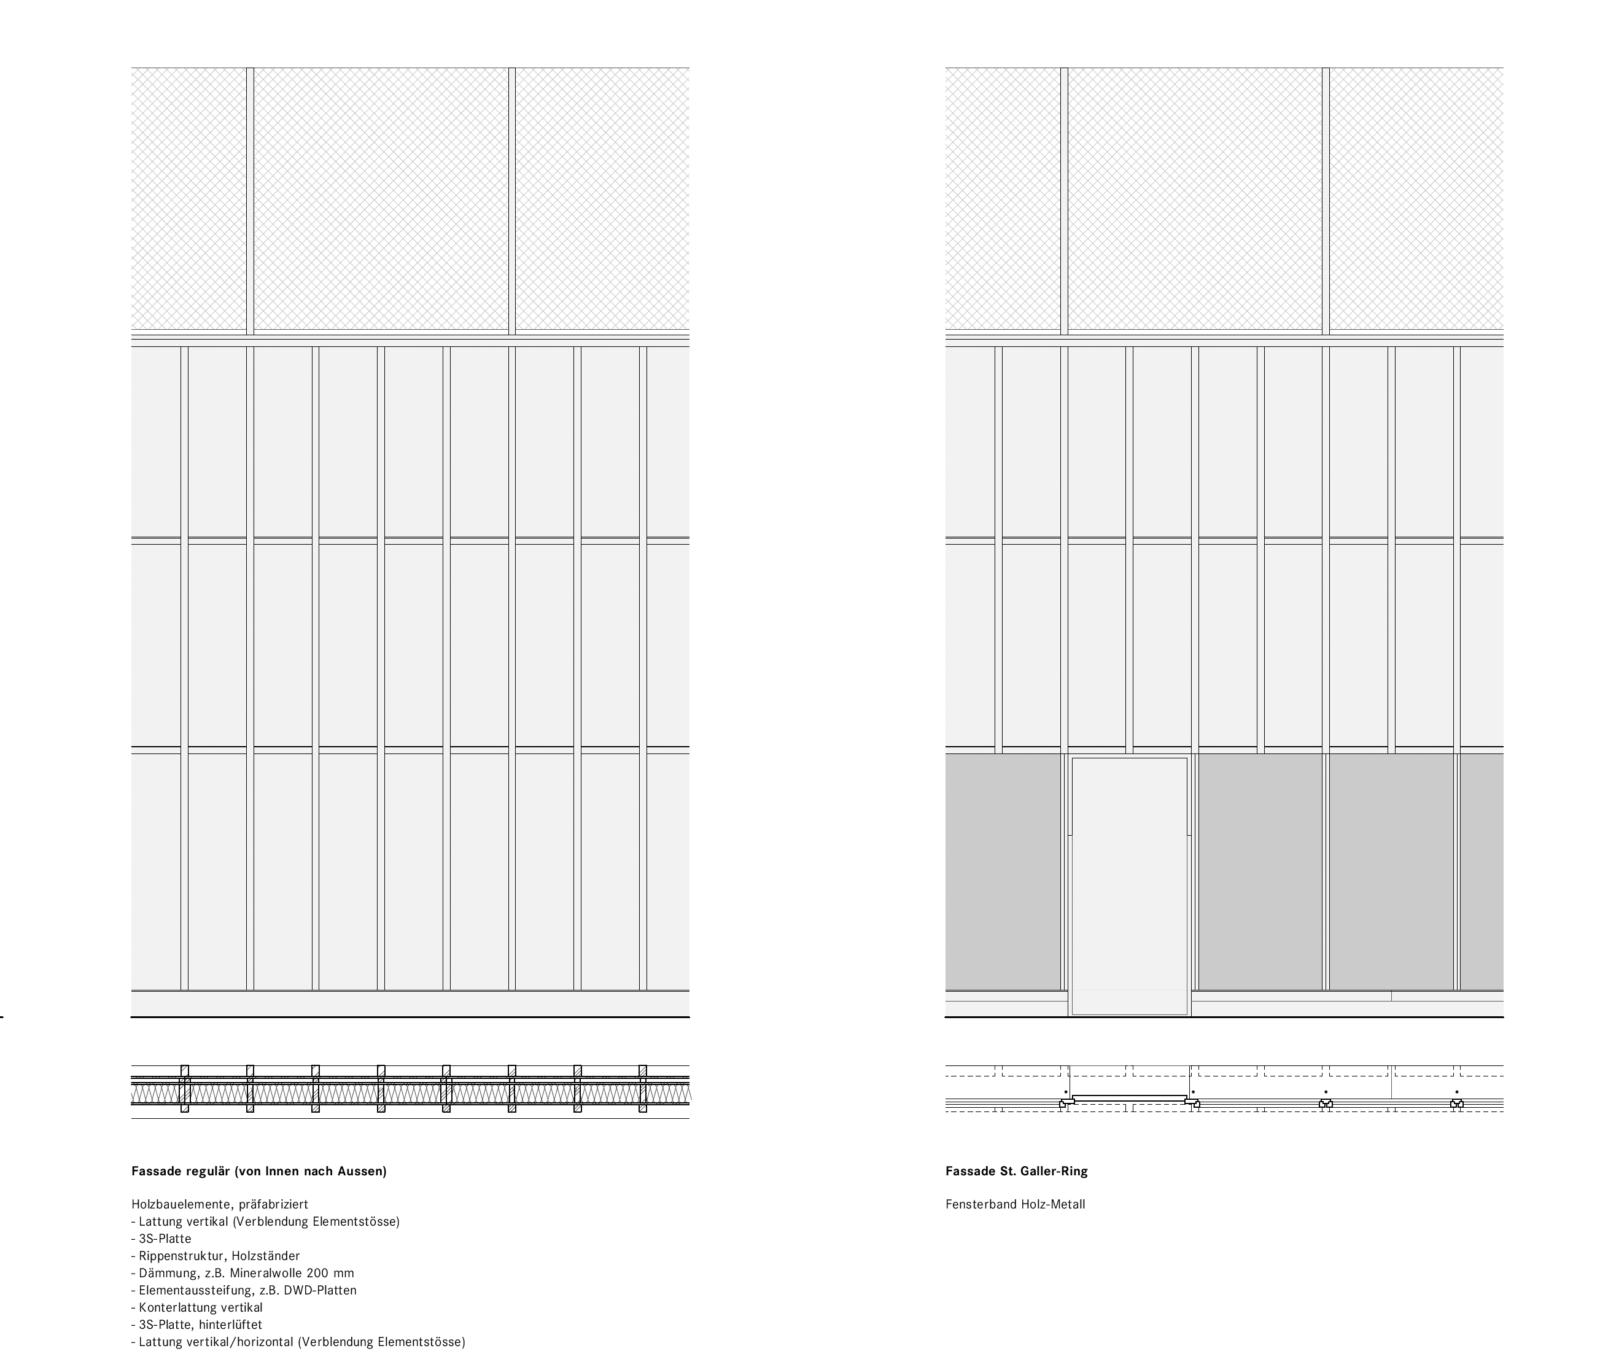 Fassadenansichten – links regulär, rechts die Seite St. Galler-Ring. Oben jeweils das rundum verlaufende Gitter.